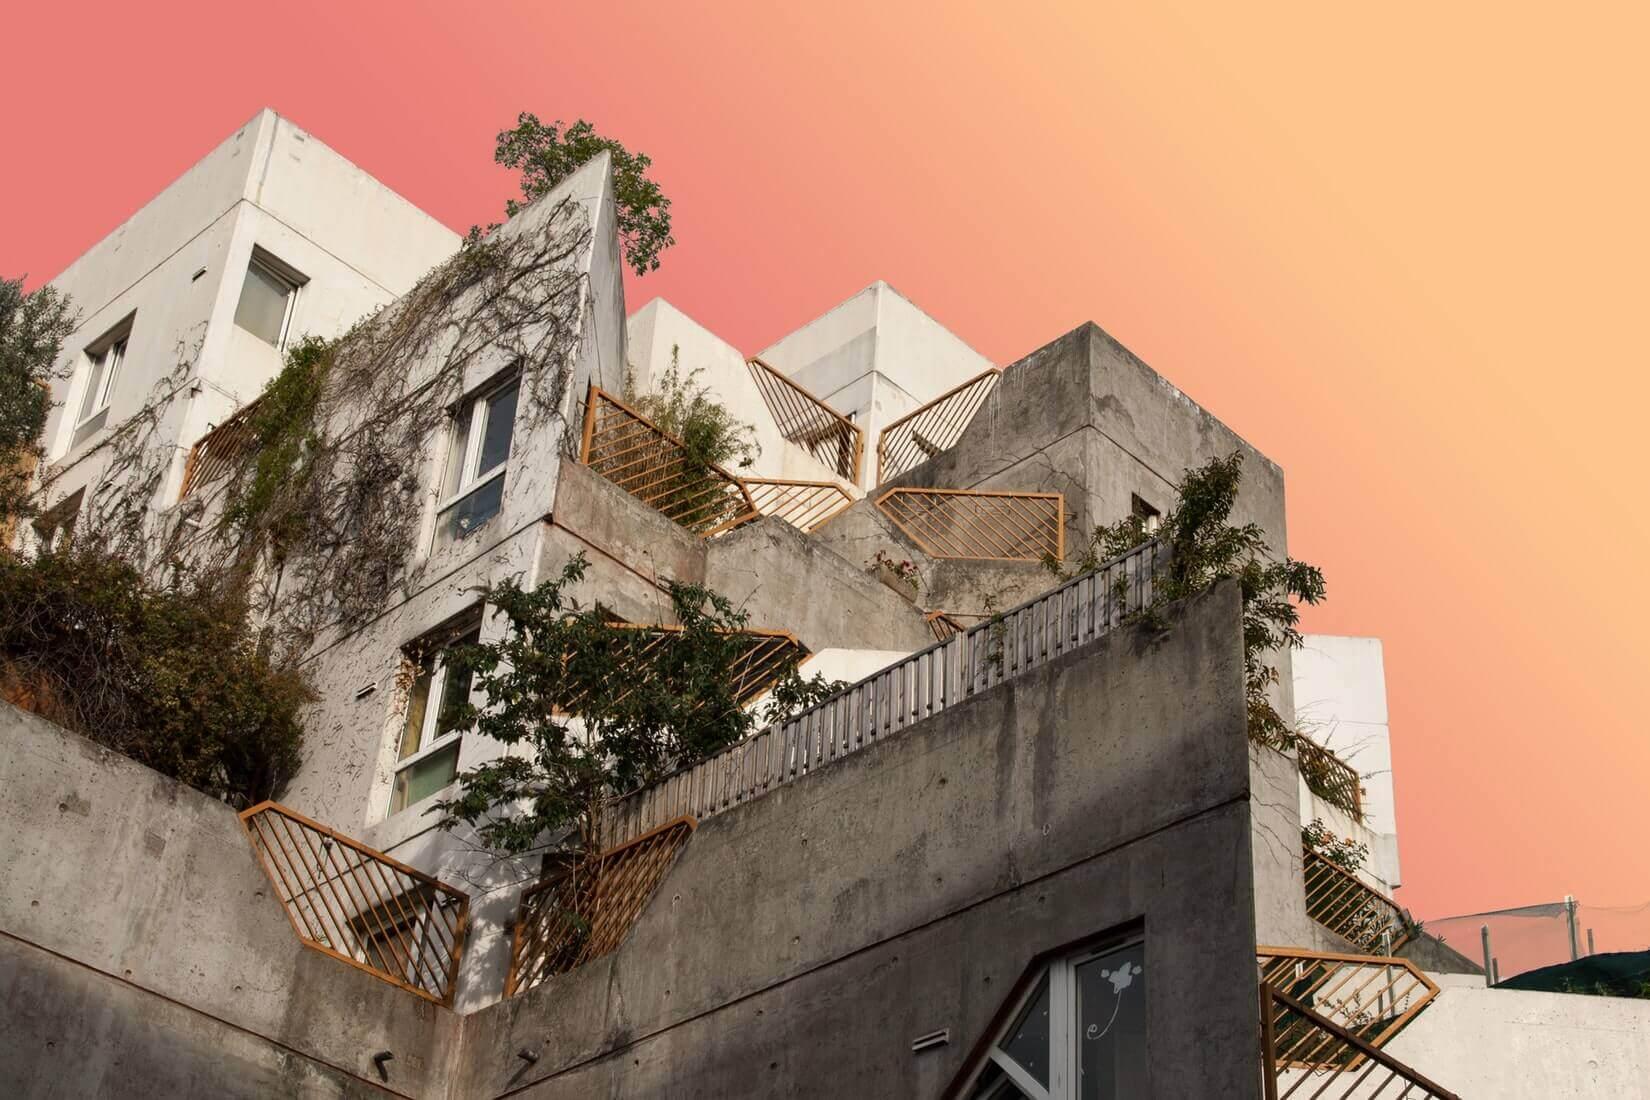 Я потратила 3 часа на фотографии: тренды в городском планировании